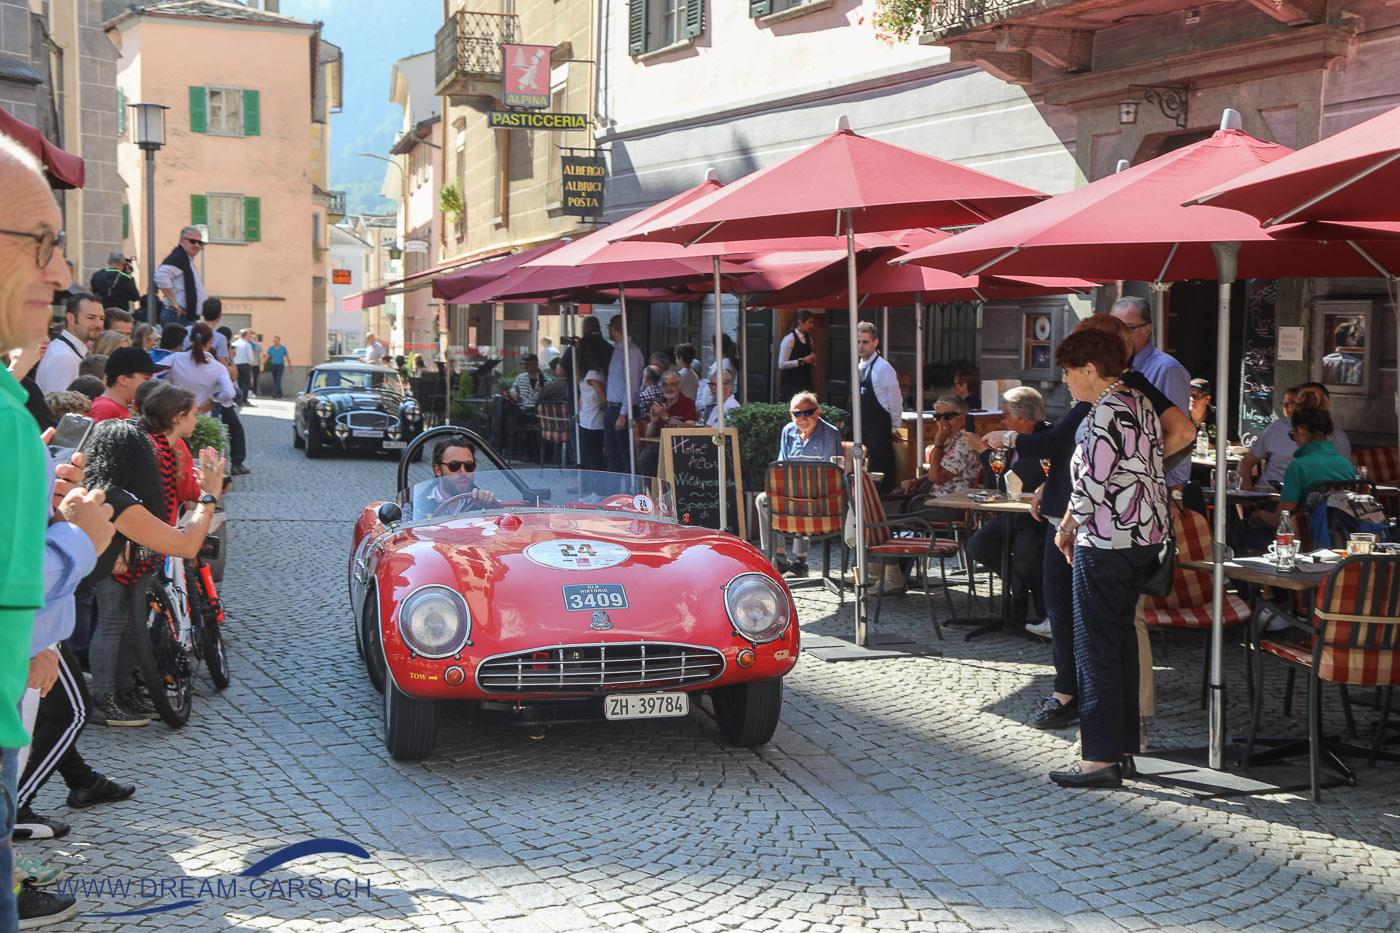 Nach dem Bernina Gran Turismo 2018 bei der Einfahrt in Poschiavo zur Sieferehrung